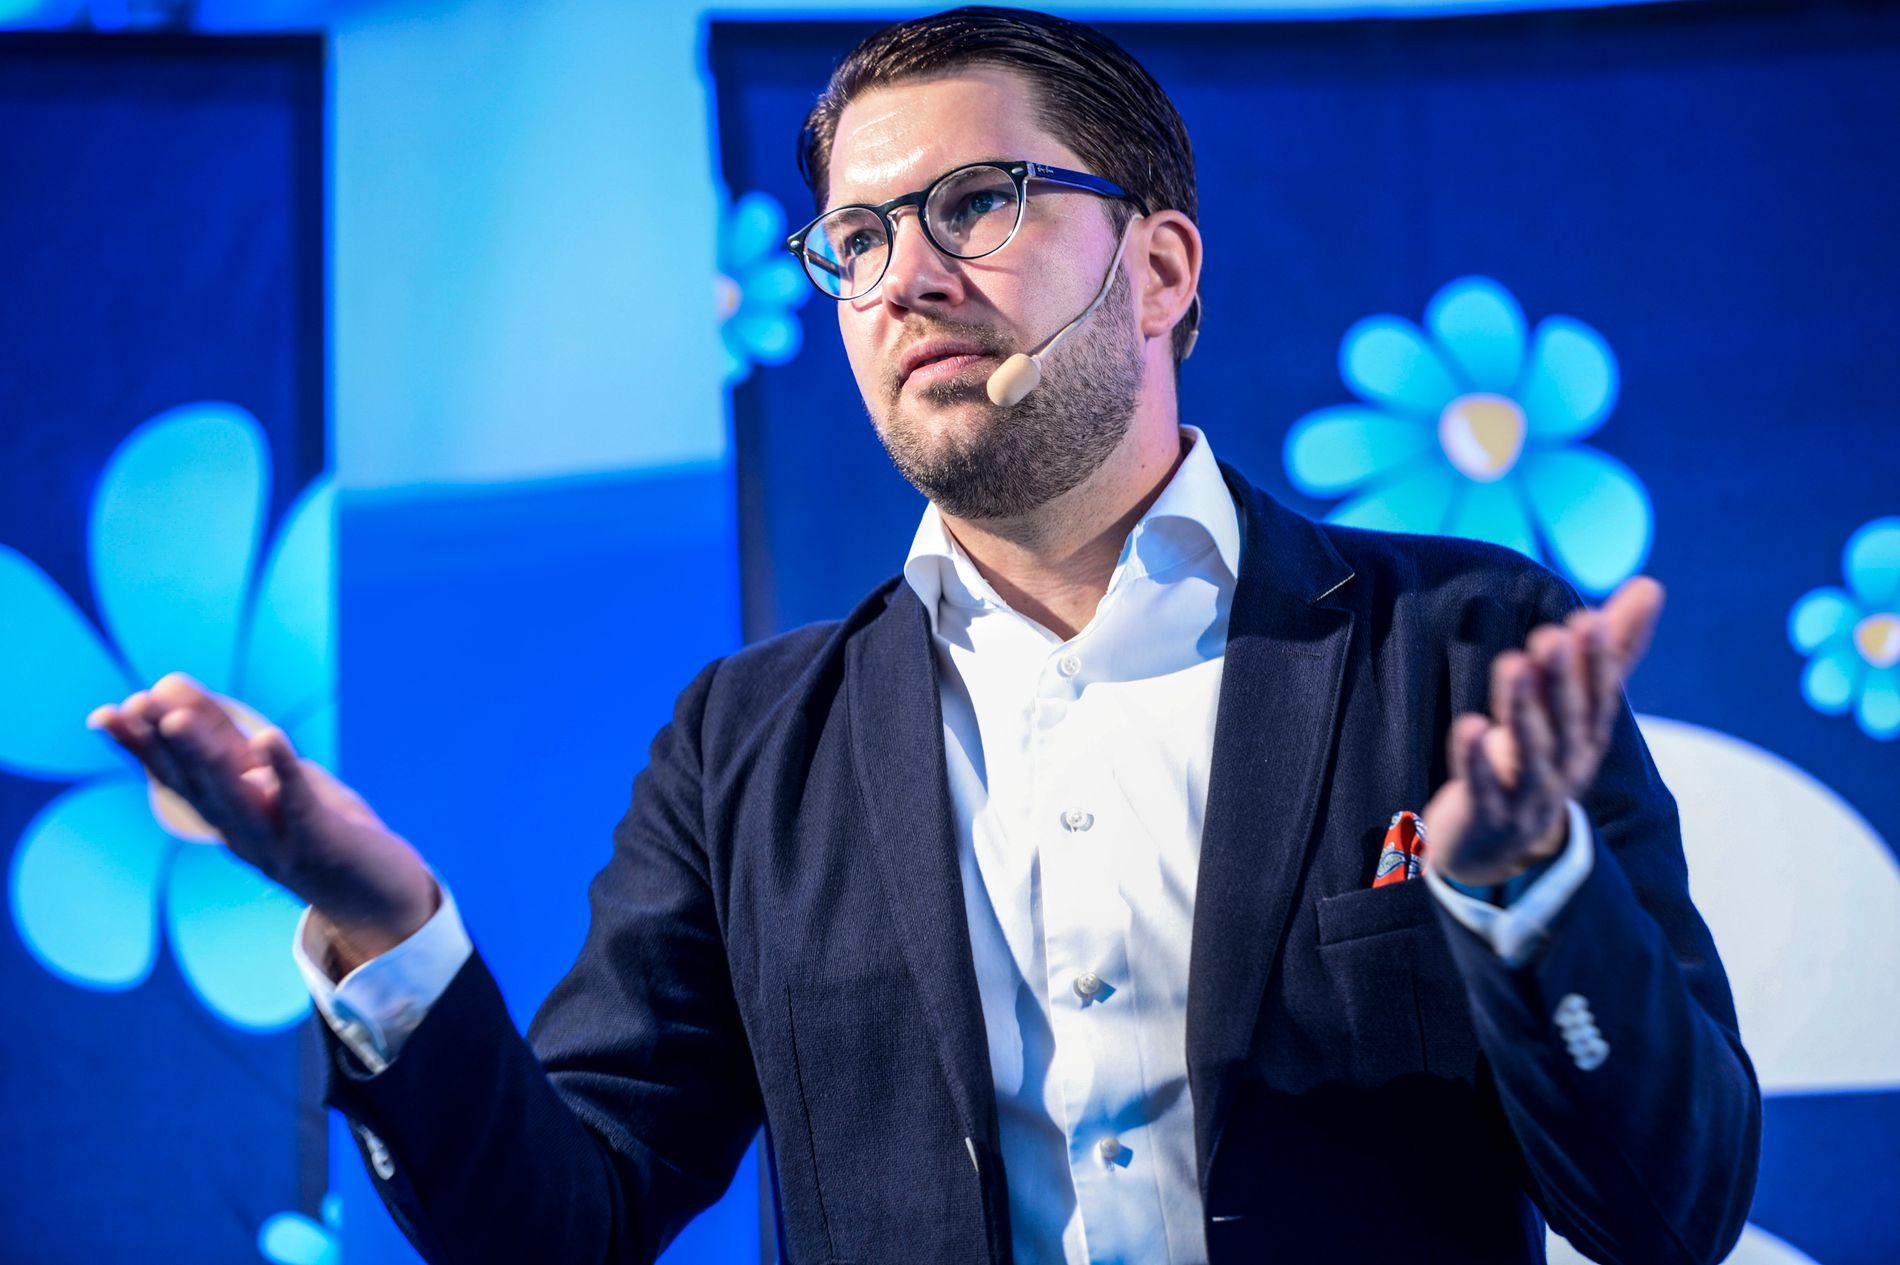 INN I VARMEN: Etterhvert som oppslutningen har økt, har de andre politiske partiene i Sverige vært nødt til å forholde seg til Sverigedemokraternas partileder Jimmie Åkesson som en alminnelig, politisk motstander.